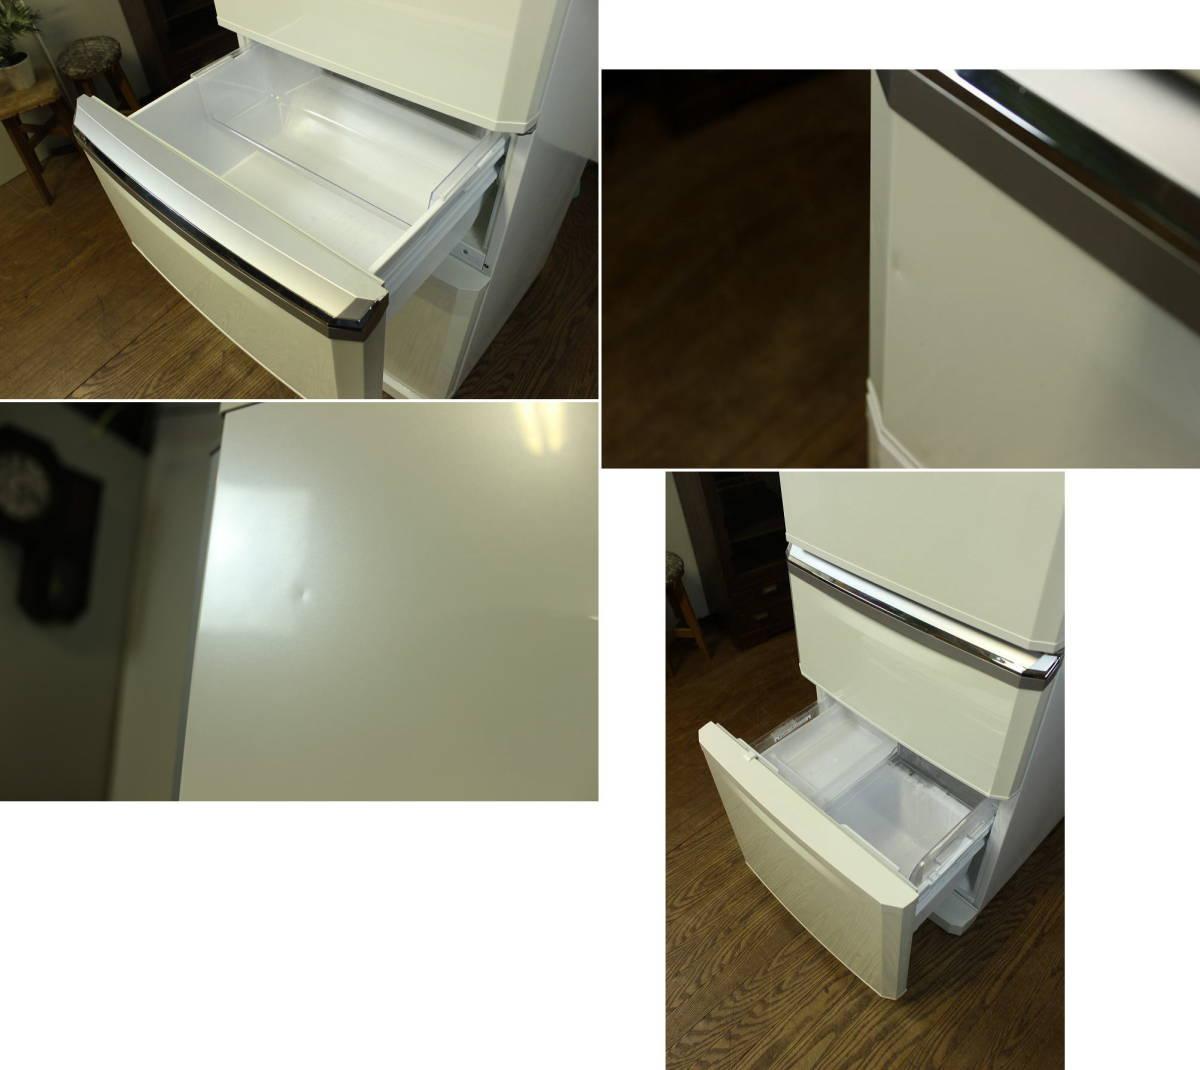 三菱 3ドア ノンフロン冷凍冷蔵庫 MR-C34W 白 340L ホワイト中古 自動製氷 大型 大きめ 家庭用 右開き_画像3